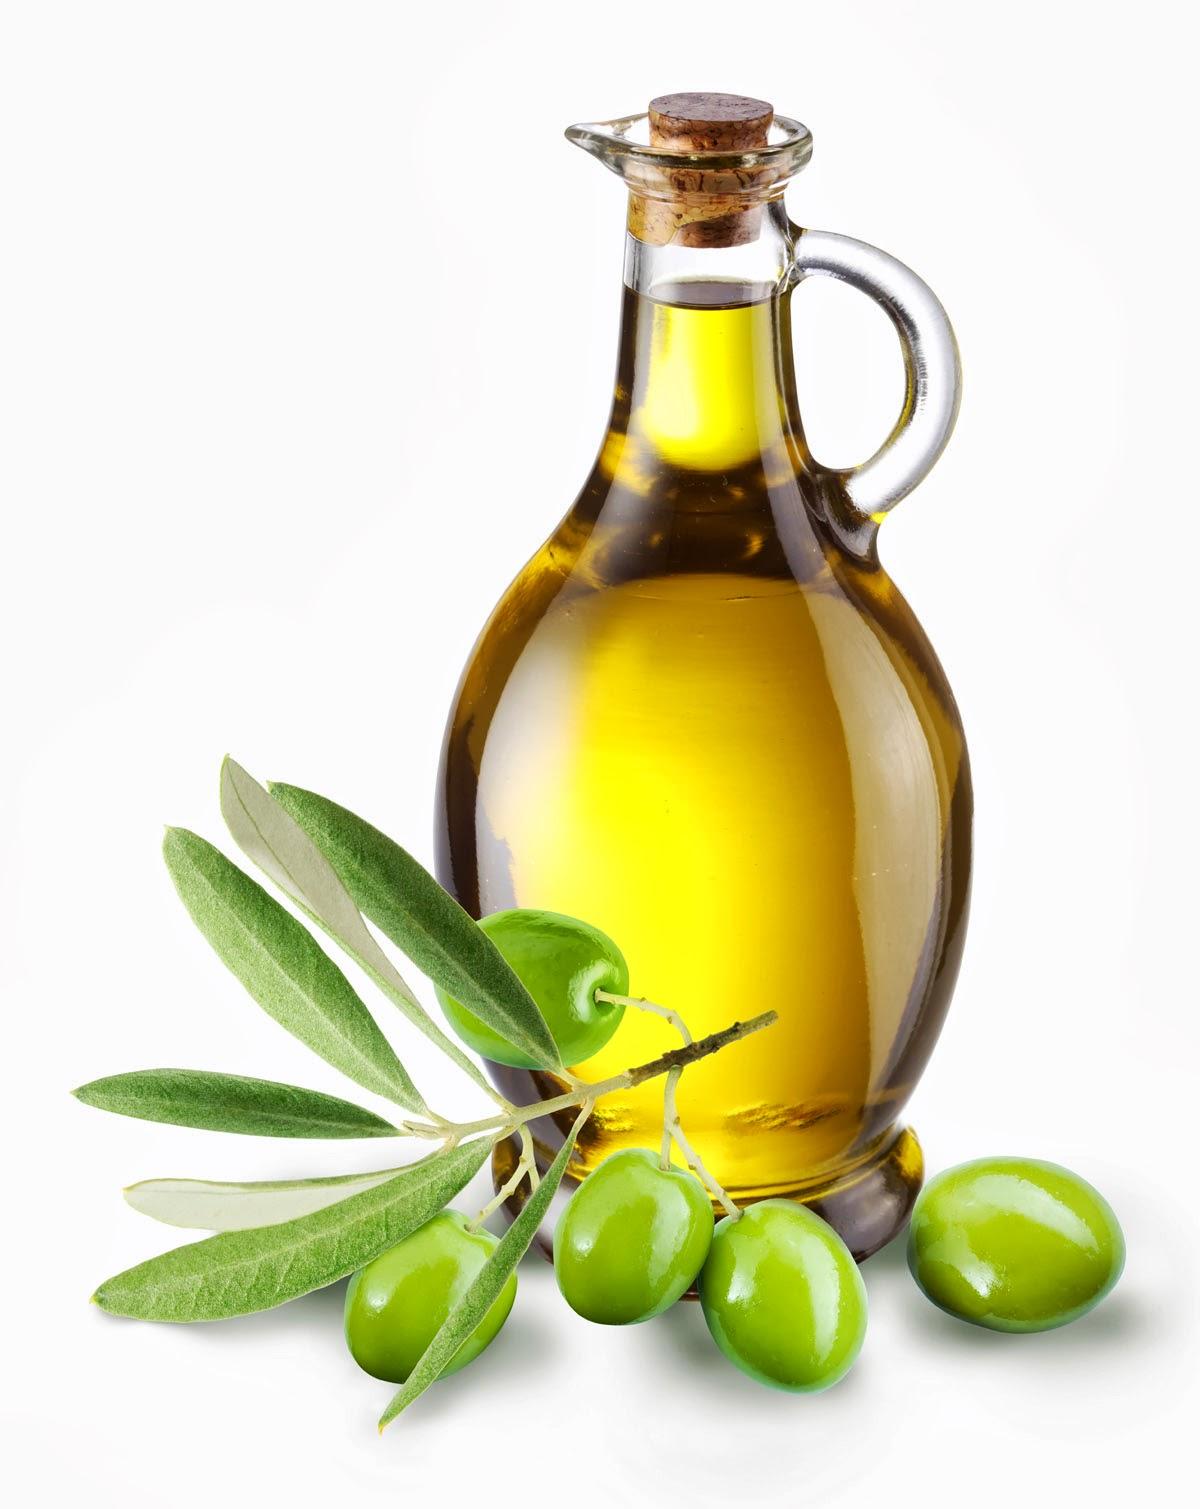 Efeitos do Azeite de Oliva Extra Virgem e Óleo de Peixe Sobre o Perfil Lipídico e Estresse Oxidativo em Pacientes com Síndrome Metabólica